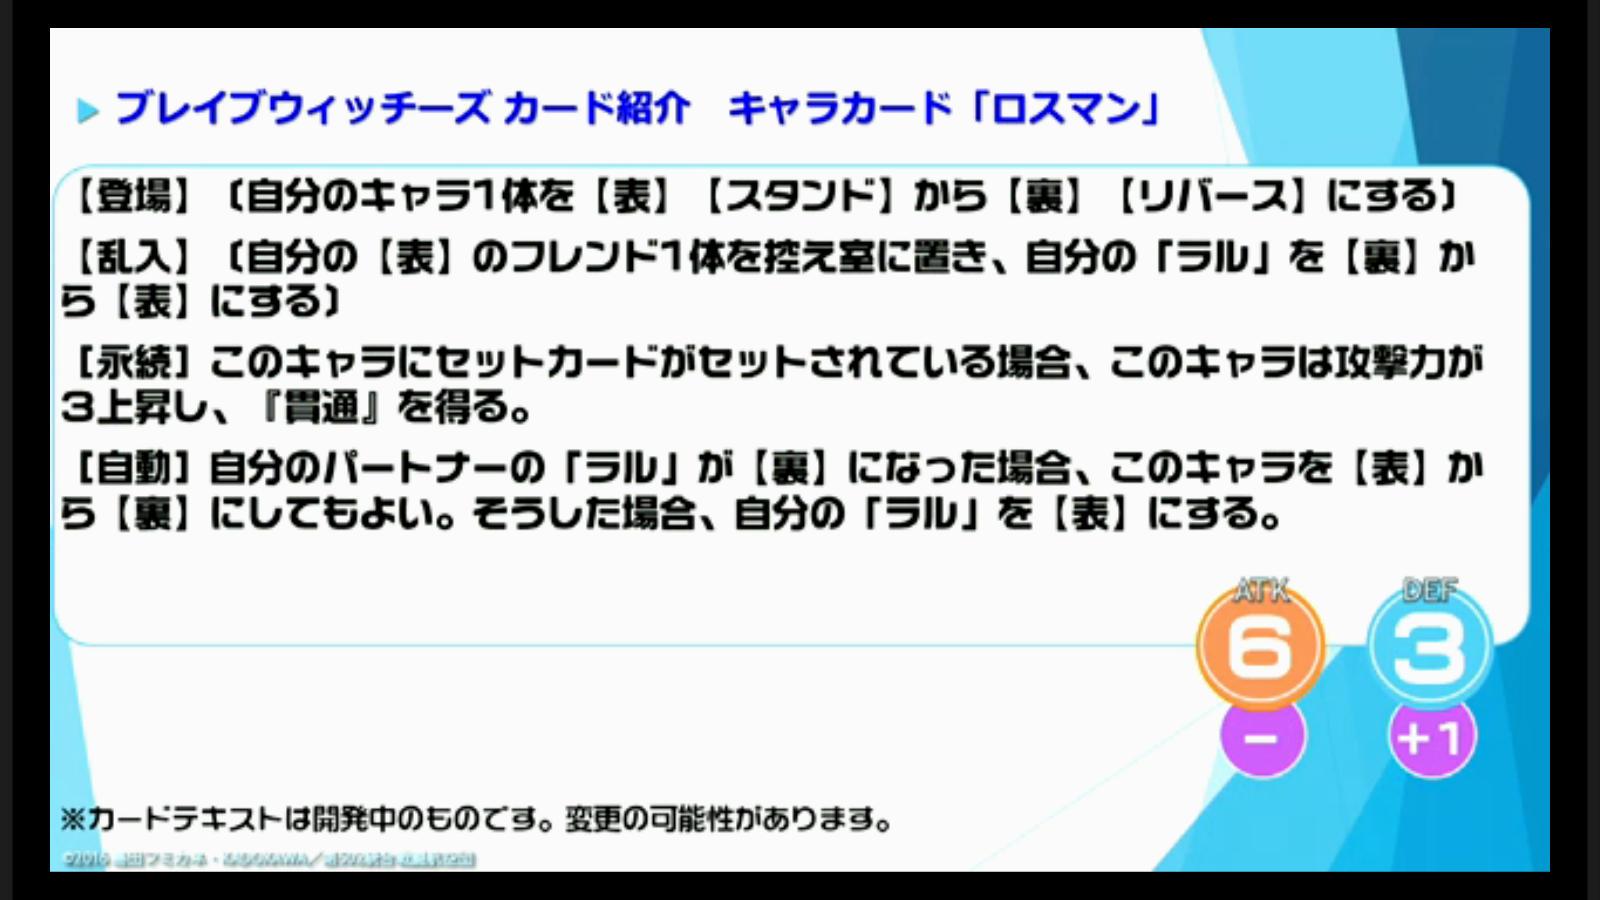 bshi-live-170126-051.jpg